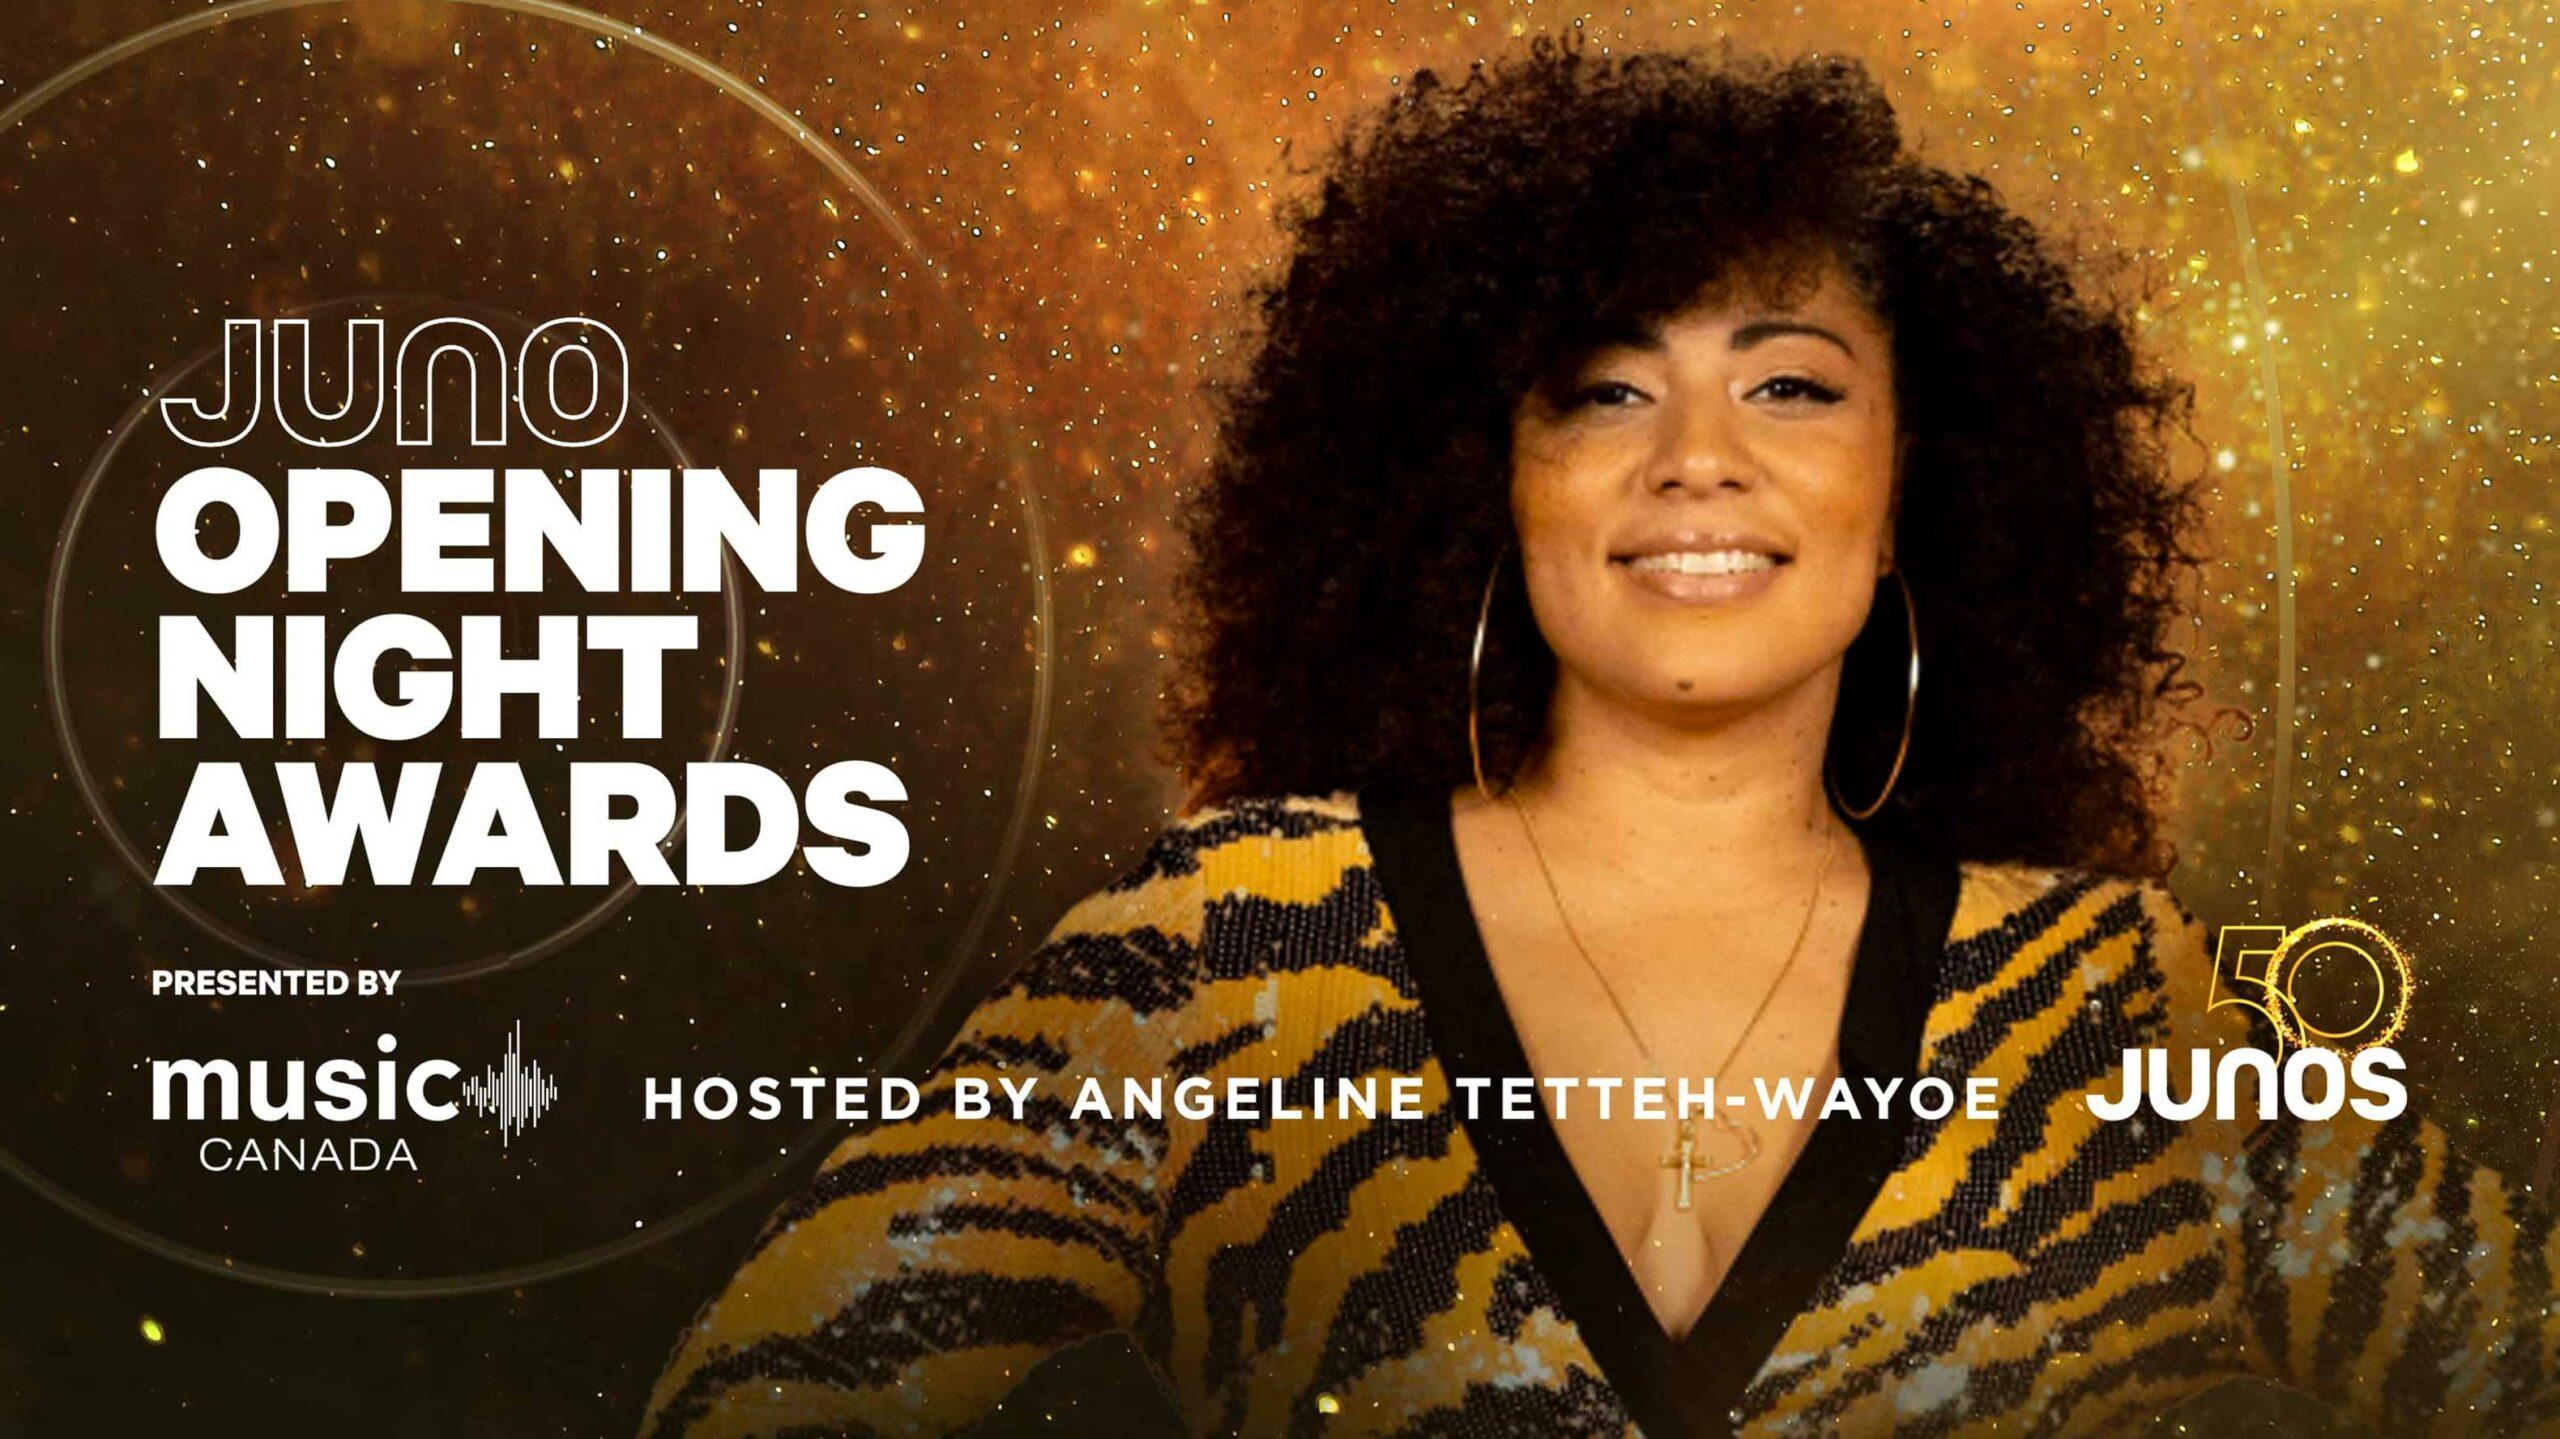 Juno Opening Night Awards